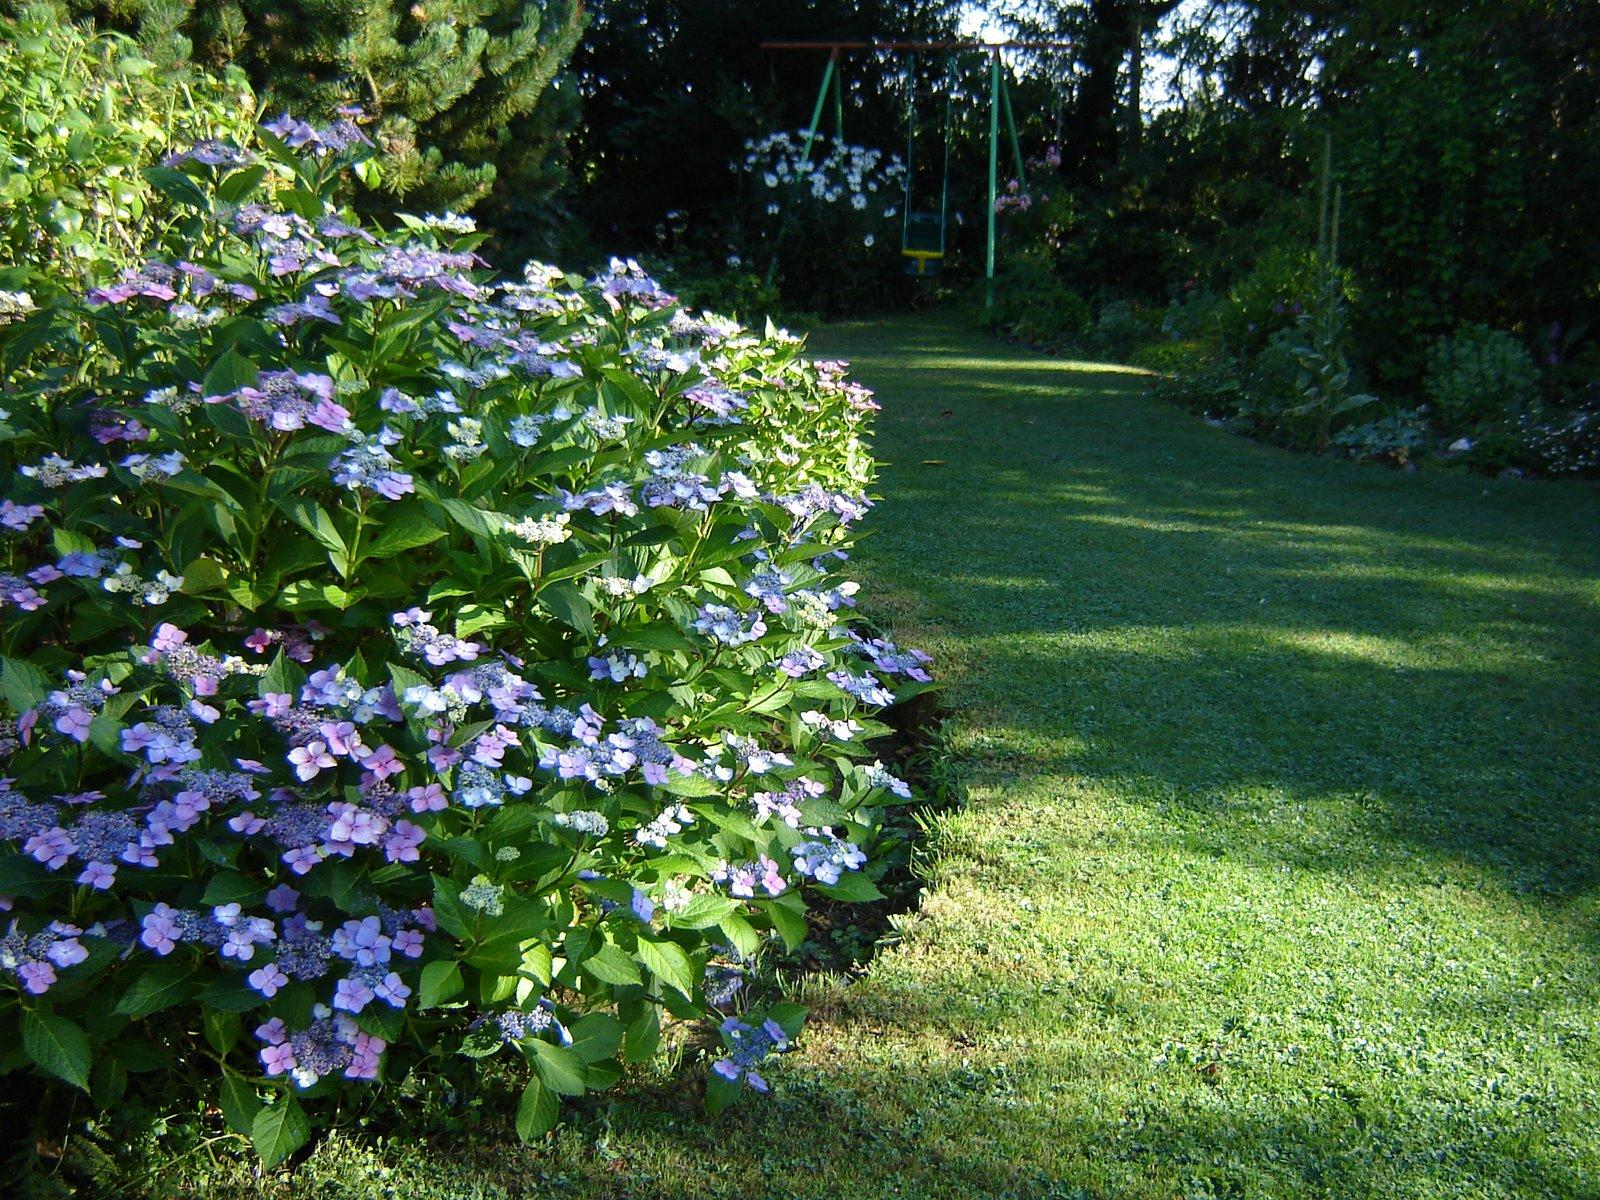 Jardin de la sauvagine les rendez vous de juillet flore for Jardin et vous